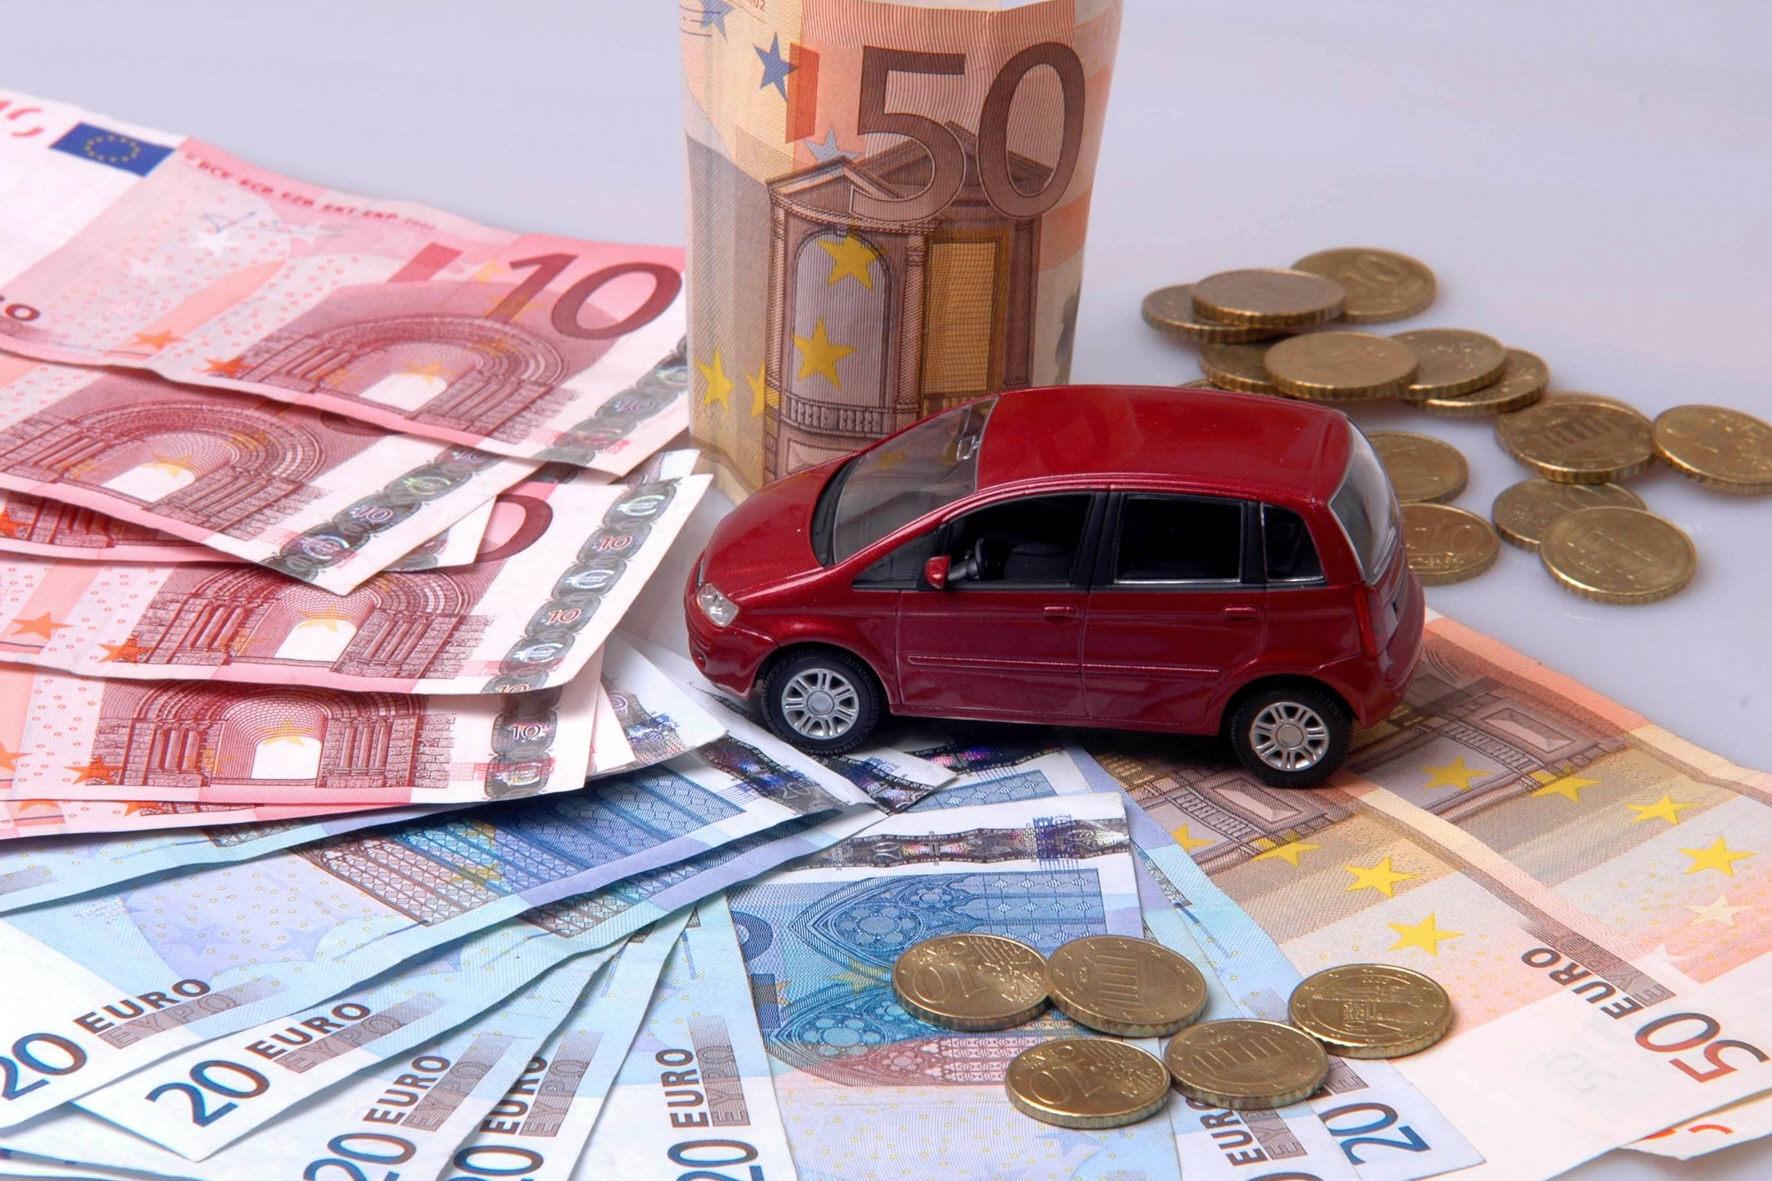 mid Düsseldorf - Elektroauto-Fahrer sparen bei der Kfz-Steuer deutlich, denn in den ersten zehn Jahren nach dem Kauf bezahlen sie dafür genau 0 Euro.